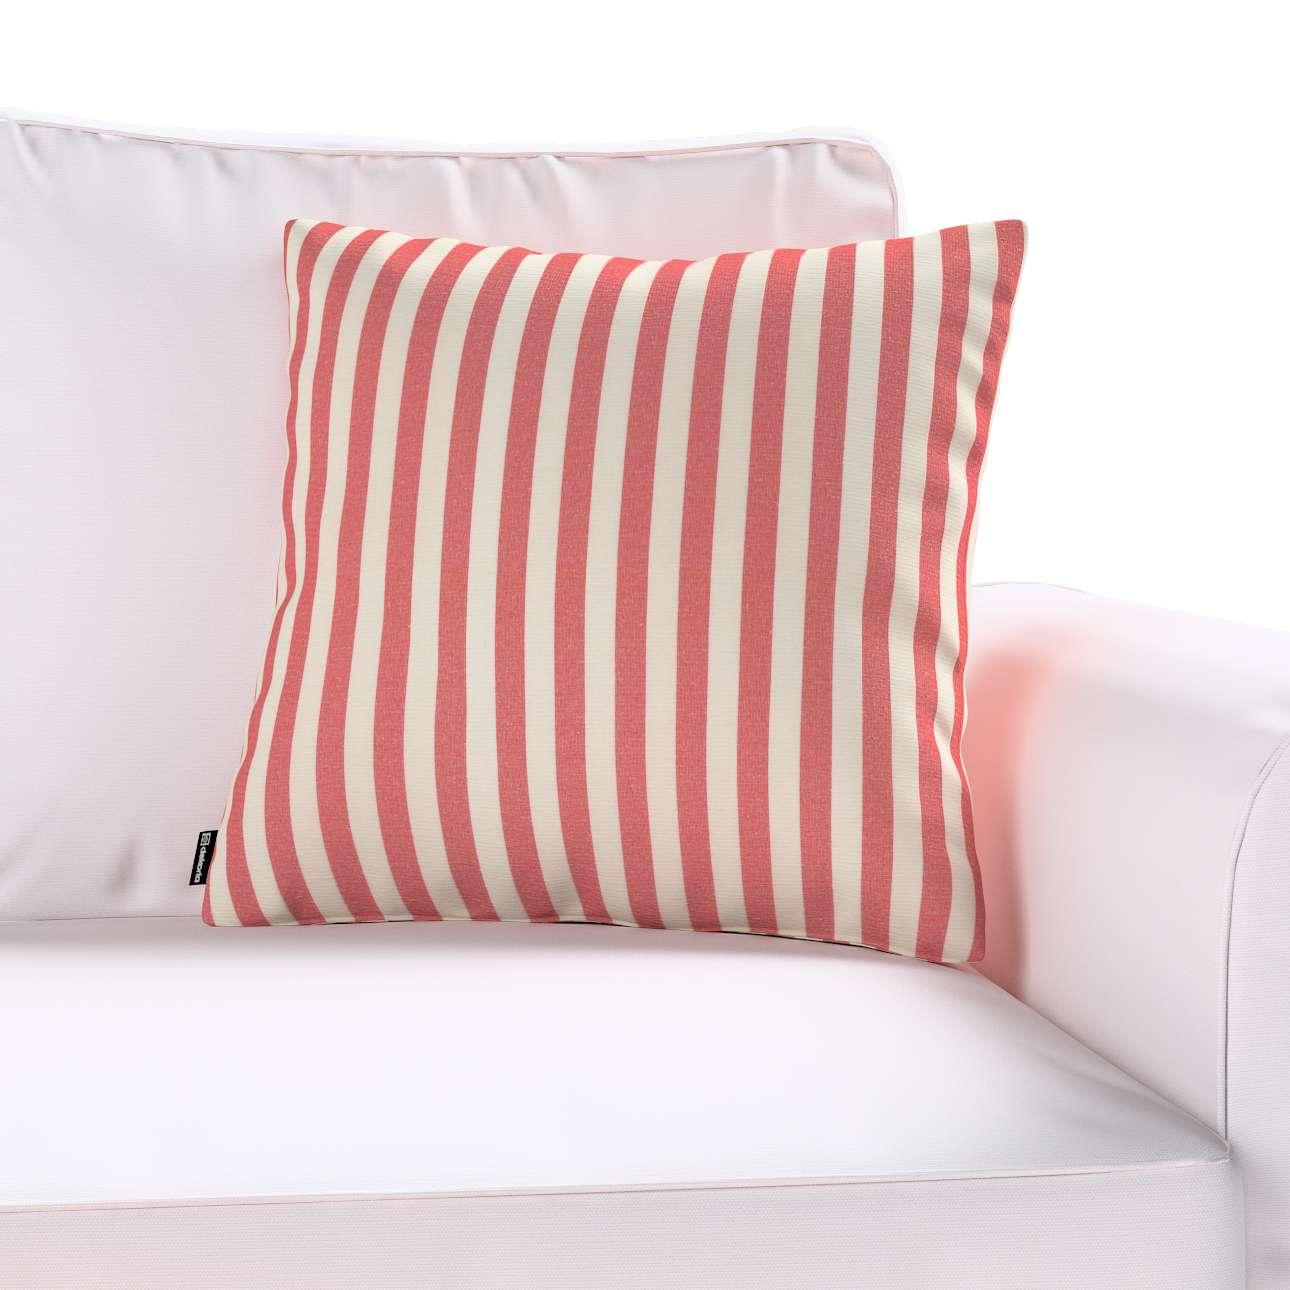 Karin - jednoduchá obliečka V kolekcii Quadro, tkanina: 136-17